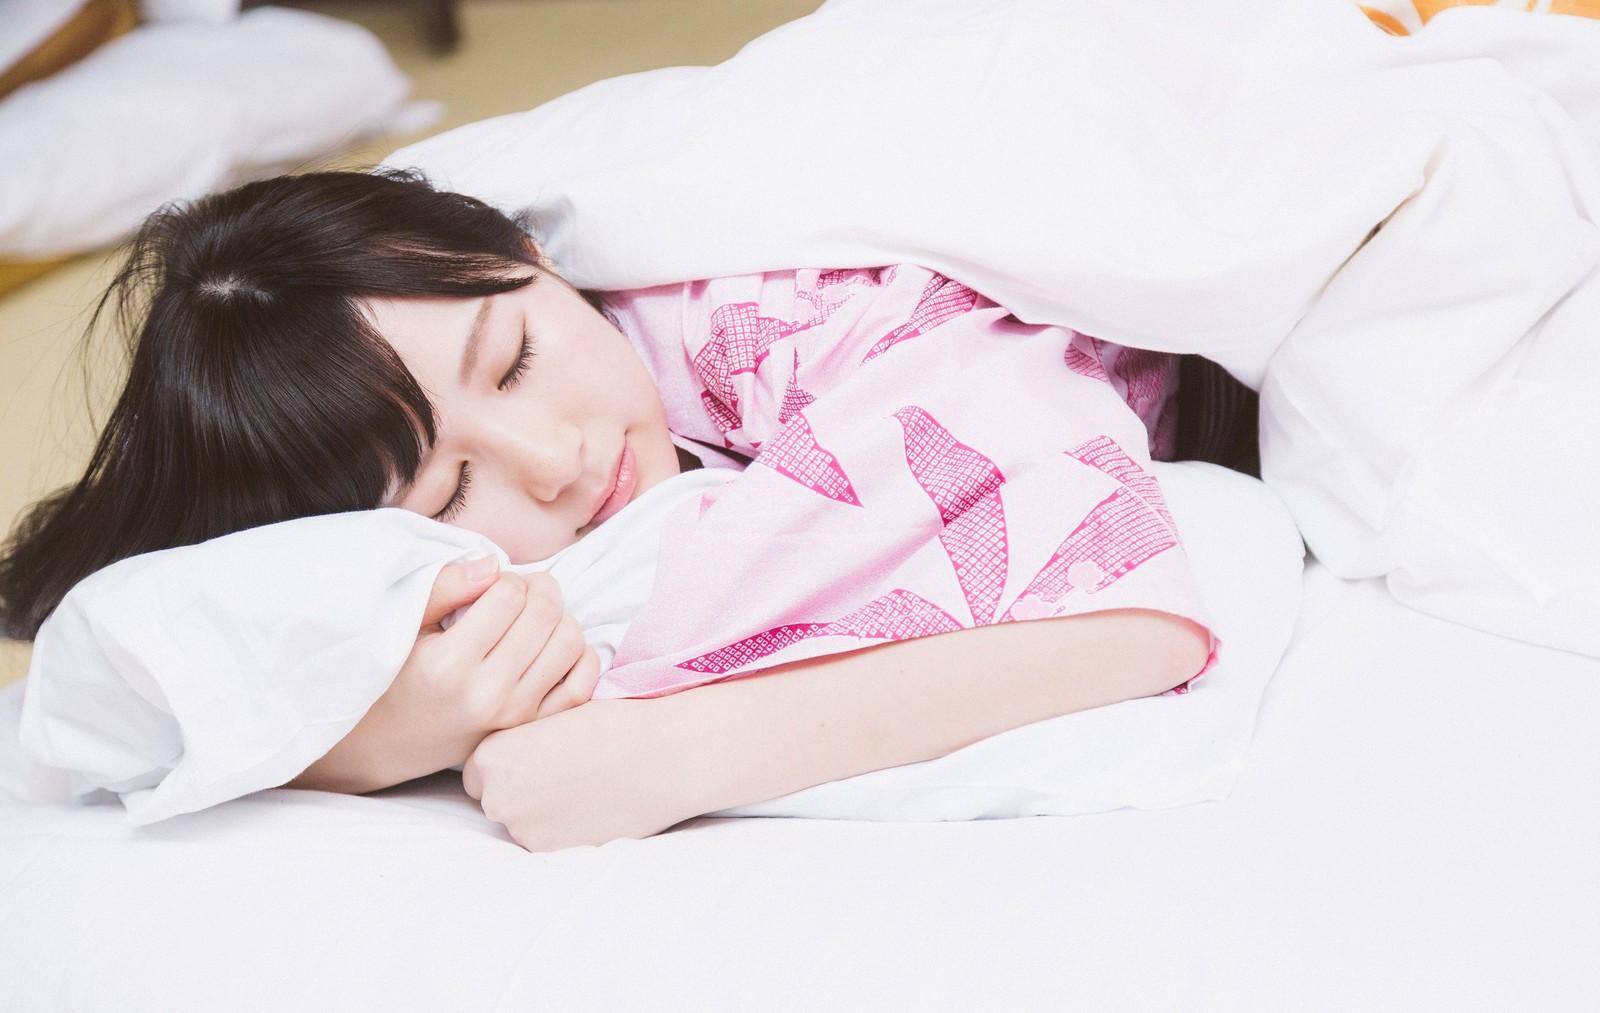 大好きな彼氏に抱き着いている夢を見ている幸せなかわいい女の子